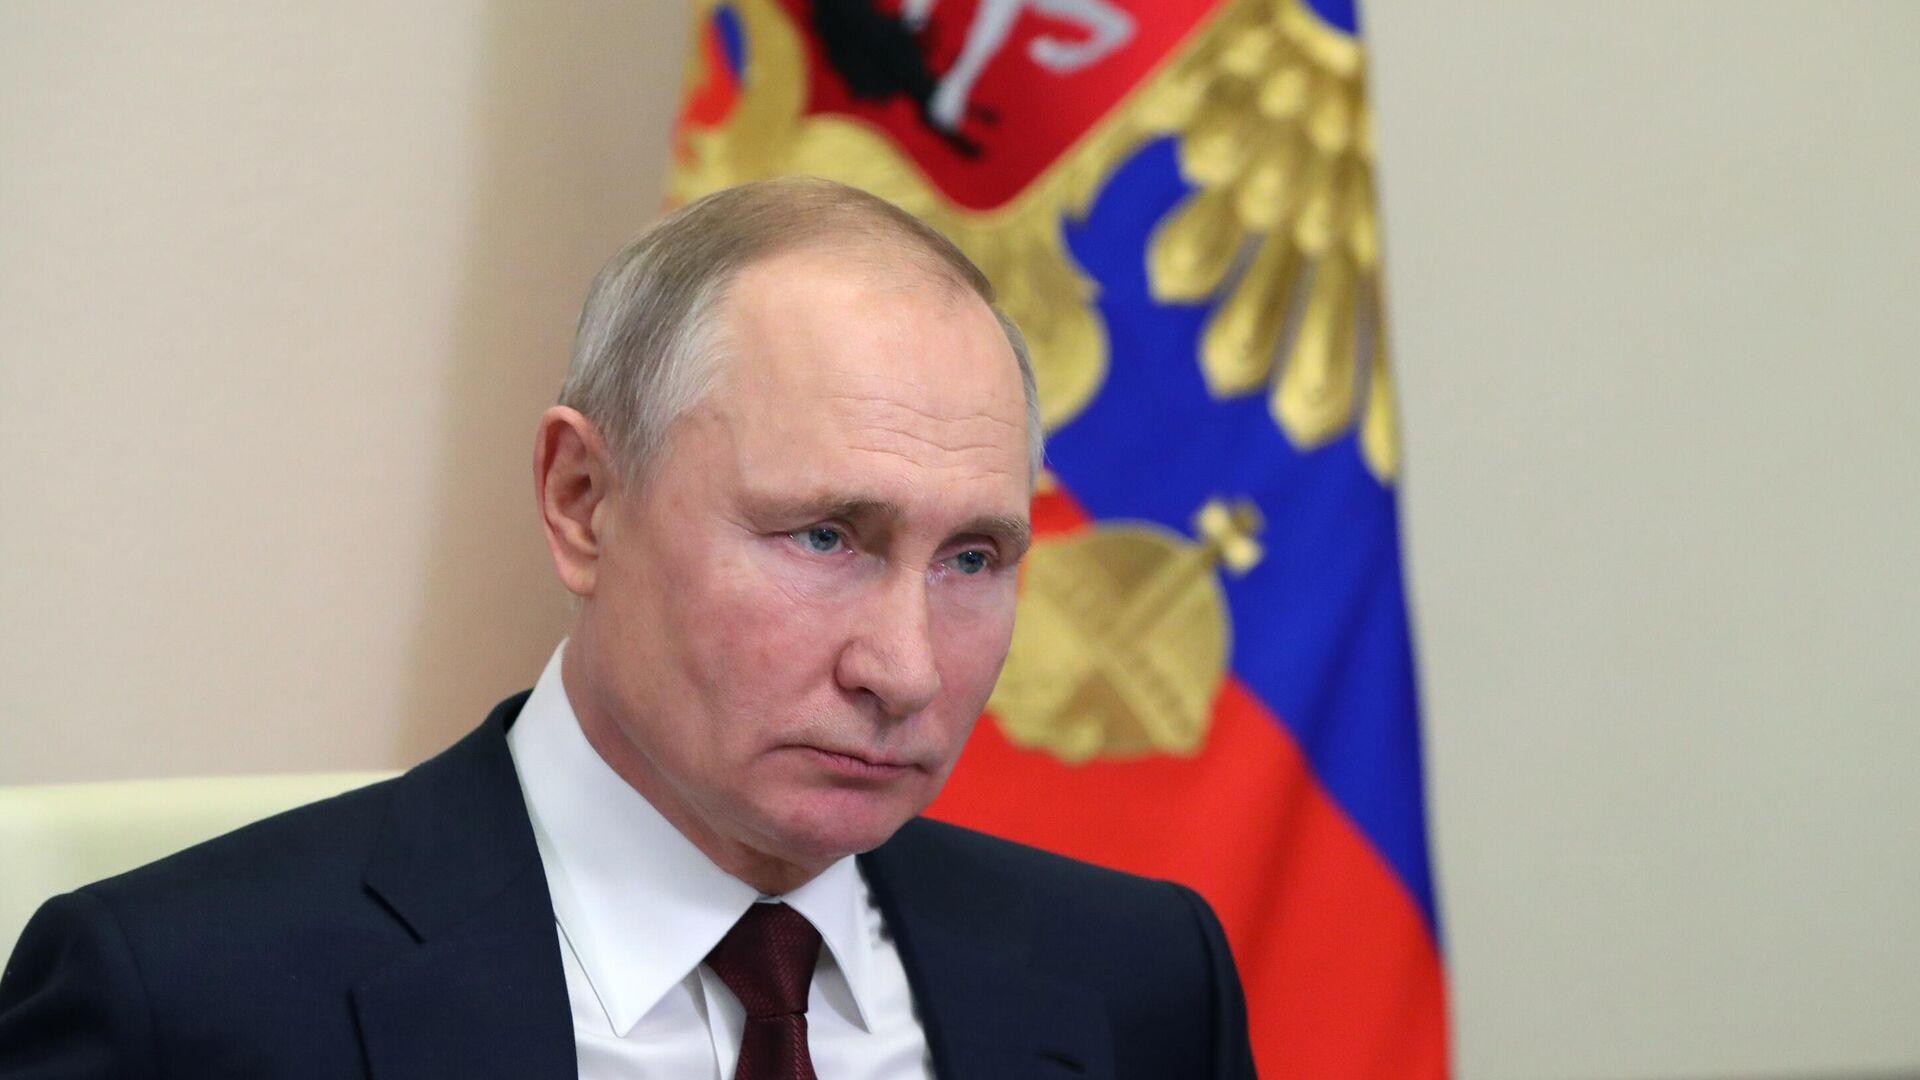 Президент РФ Владимир Путин проводит заседание Совета по науке и образованию в режиме видеоконференции - РИА Новости, 1920, 16.02.2021